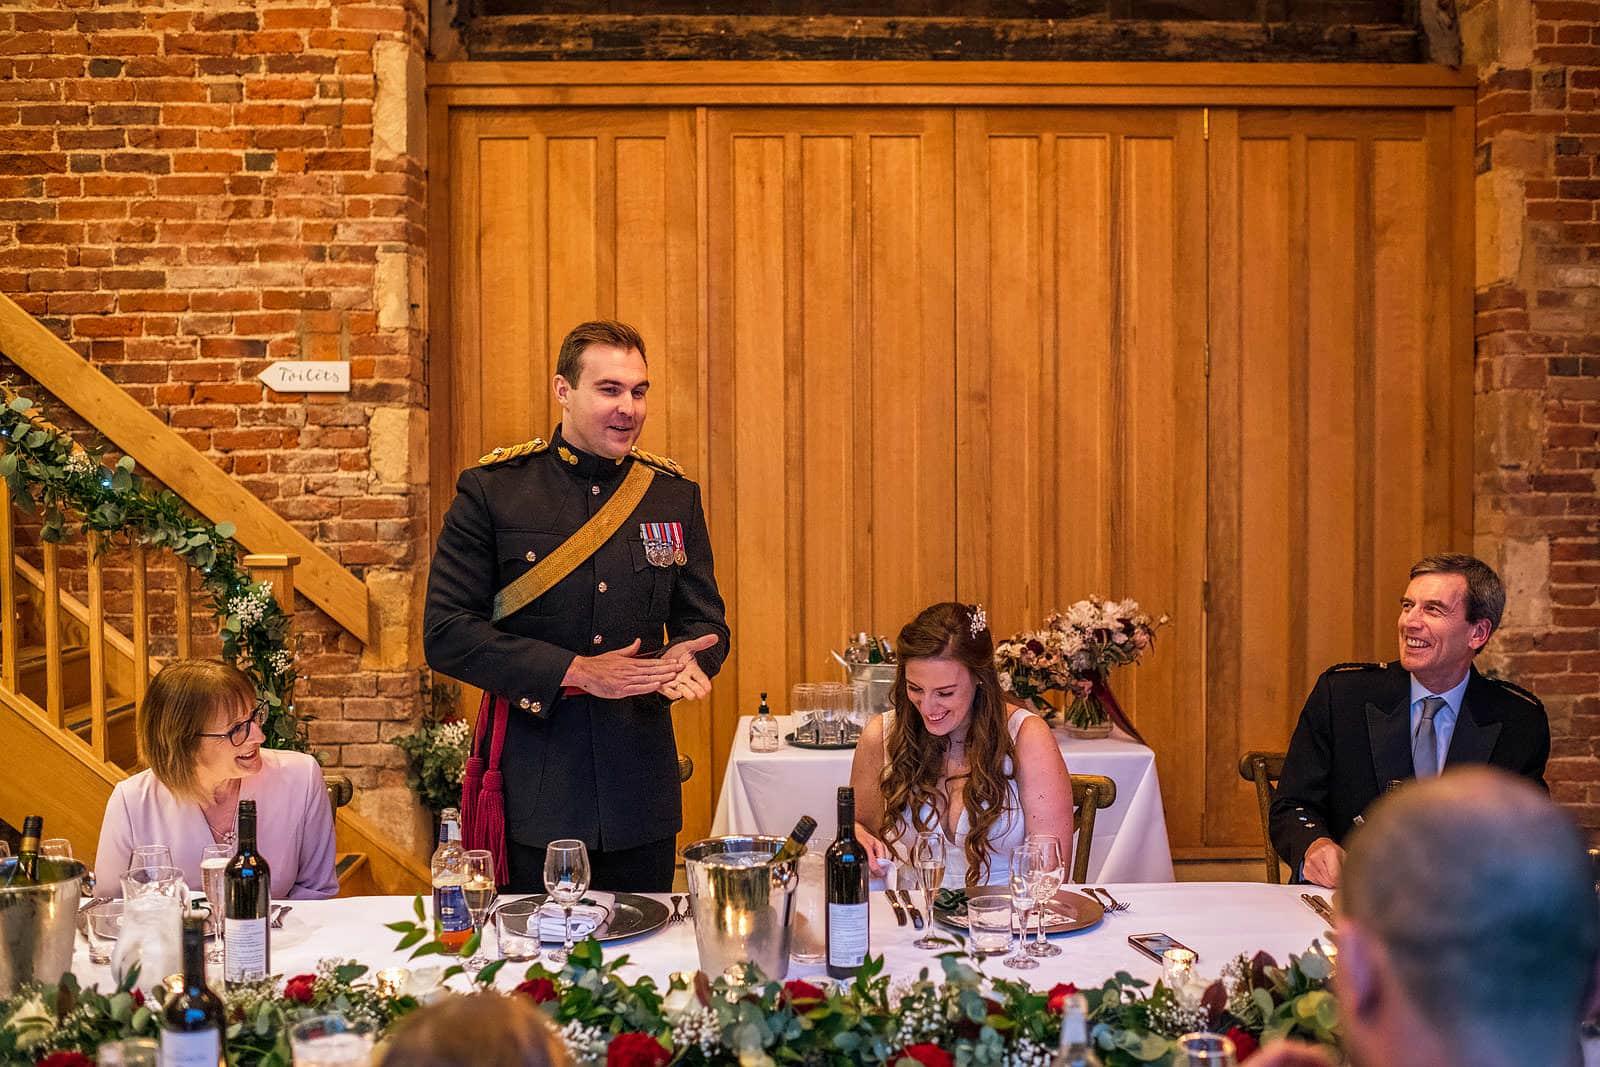 Groom in uniform giving his speech